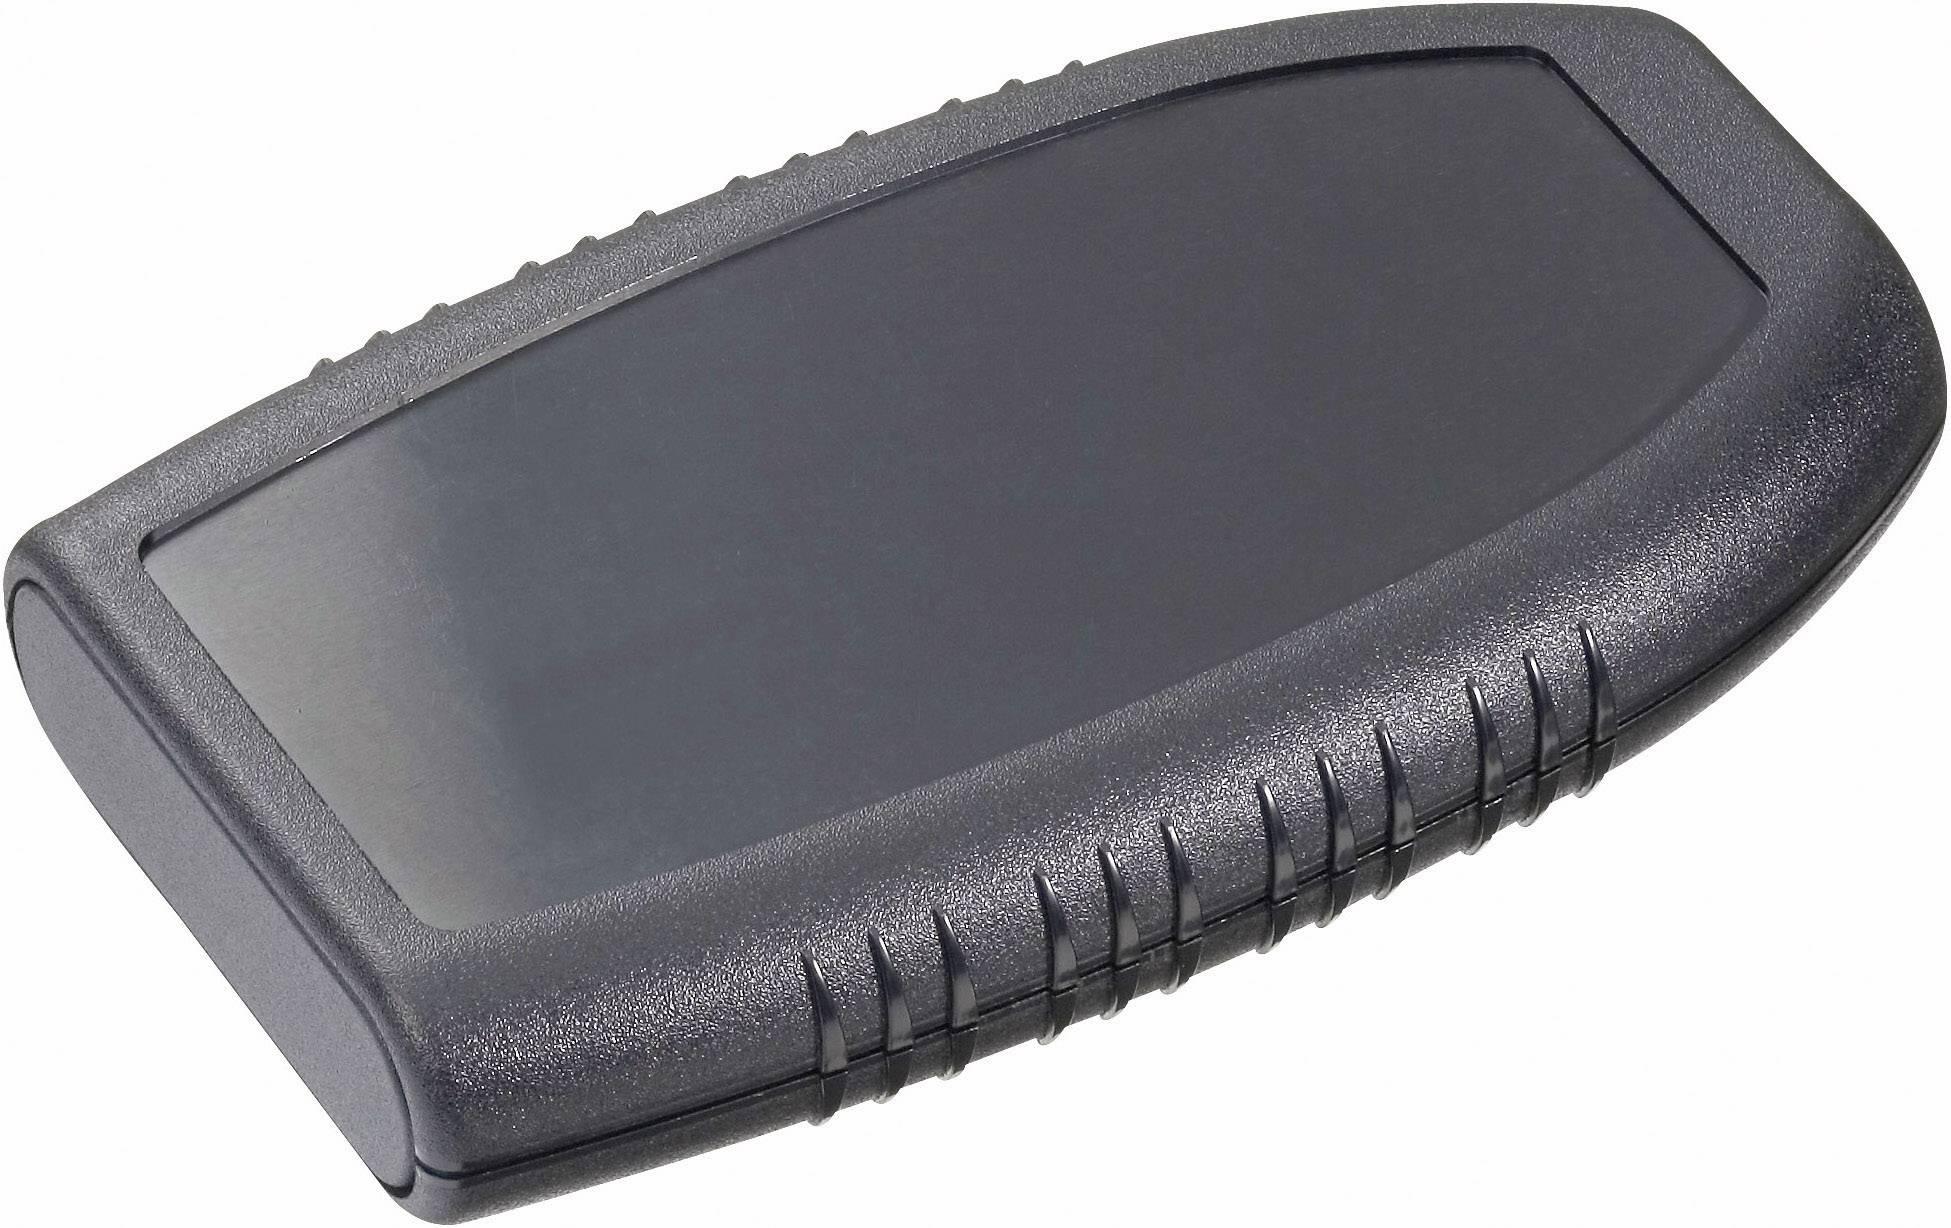 Univerzální pouzdro ABS Pactec HRP-9VB, 139 x 83 mm, černá (HRP-9VB)